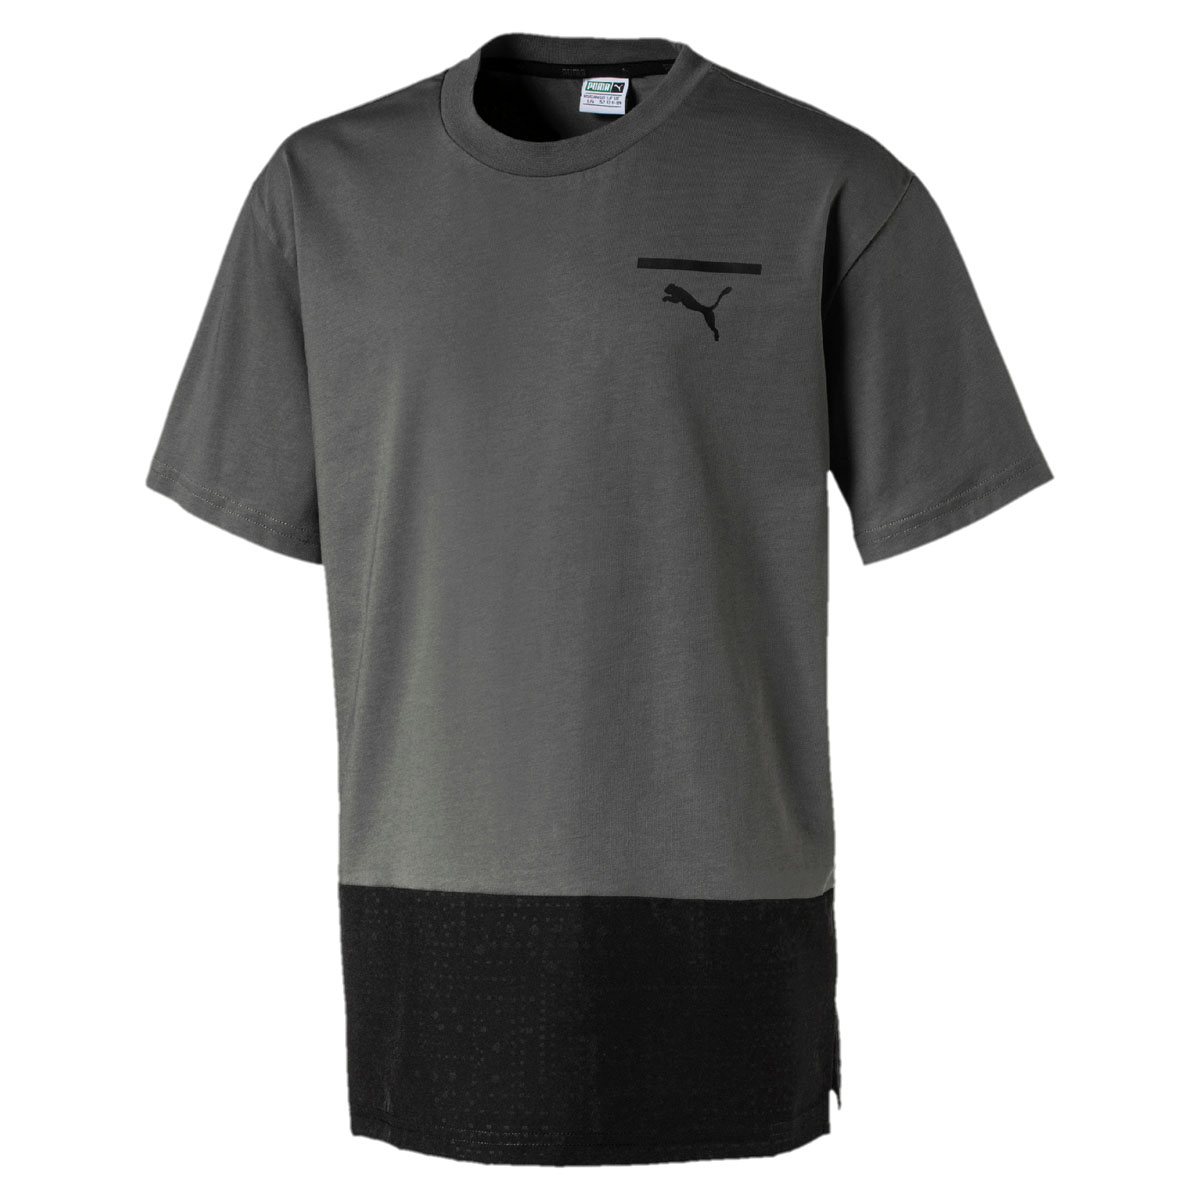 Футболка для мальчика Puma Pace Tee, цвет: серый, черный. 85024539. Размер 176850245397